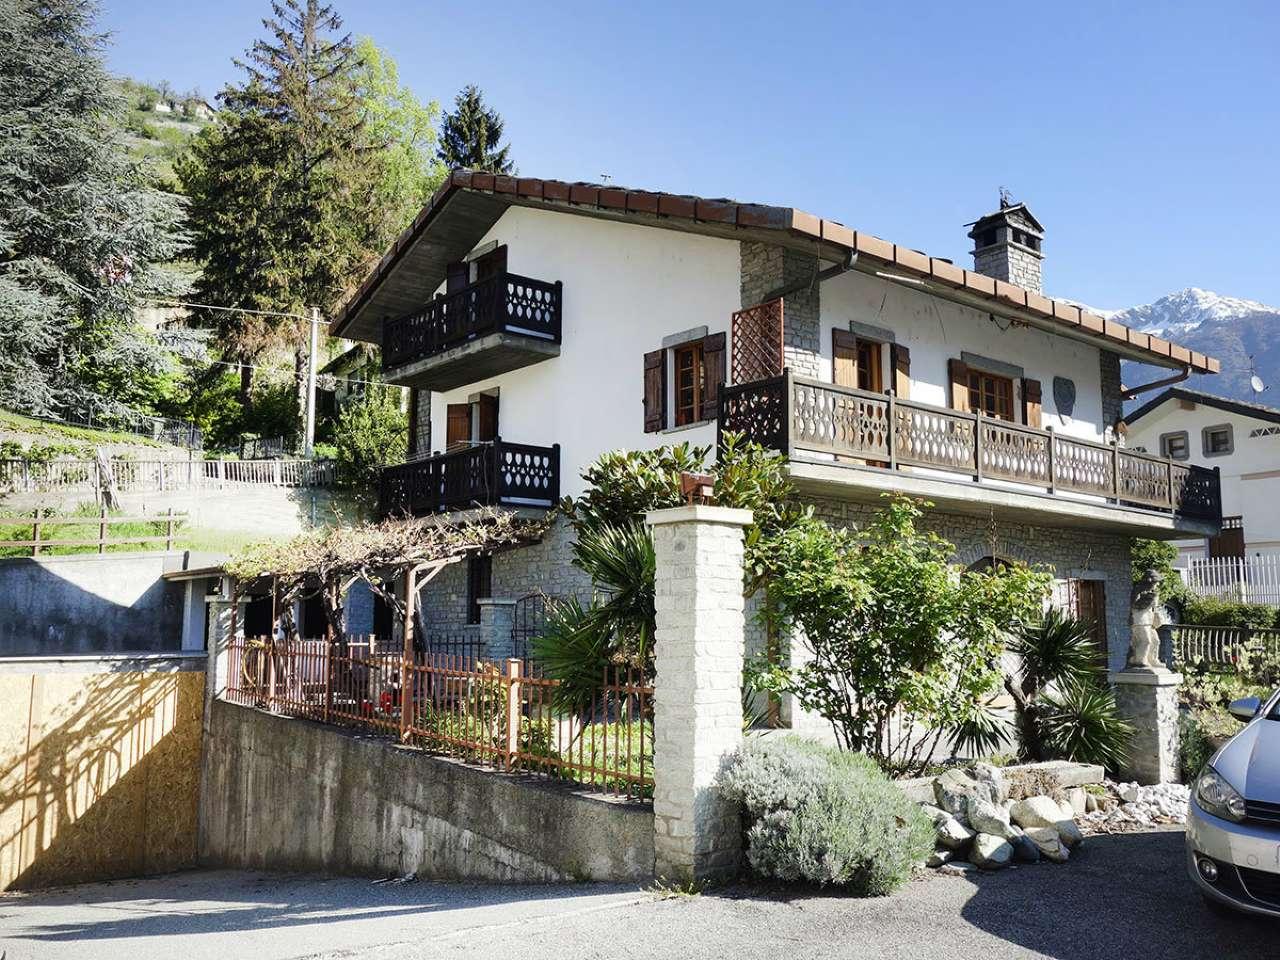 Annunci immobiliari di ville in vendita a aosta for Annunci immobiliari